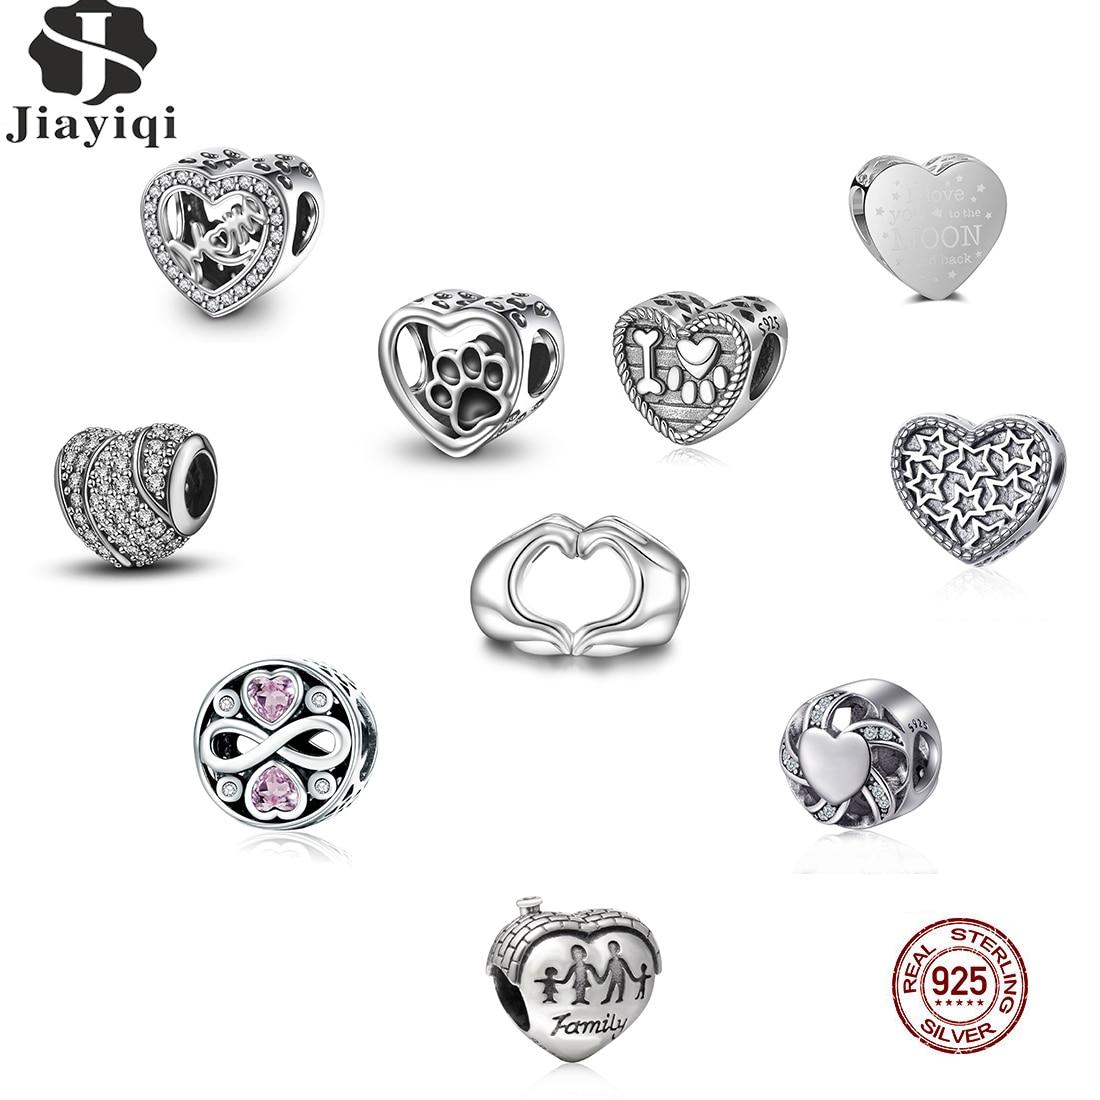 Perlen Jiayiqi 925 Sterling Silber Für Frauen Herz Geformt Piercing Charme Perlen Armband Anhänger Diy Zubehör Original Silber Schmuck